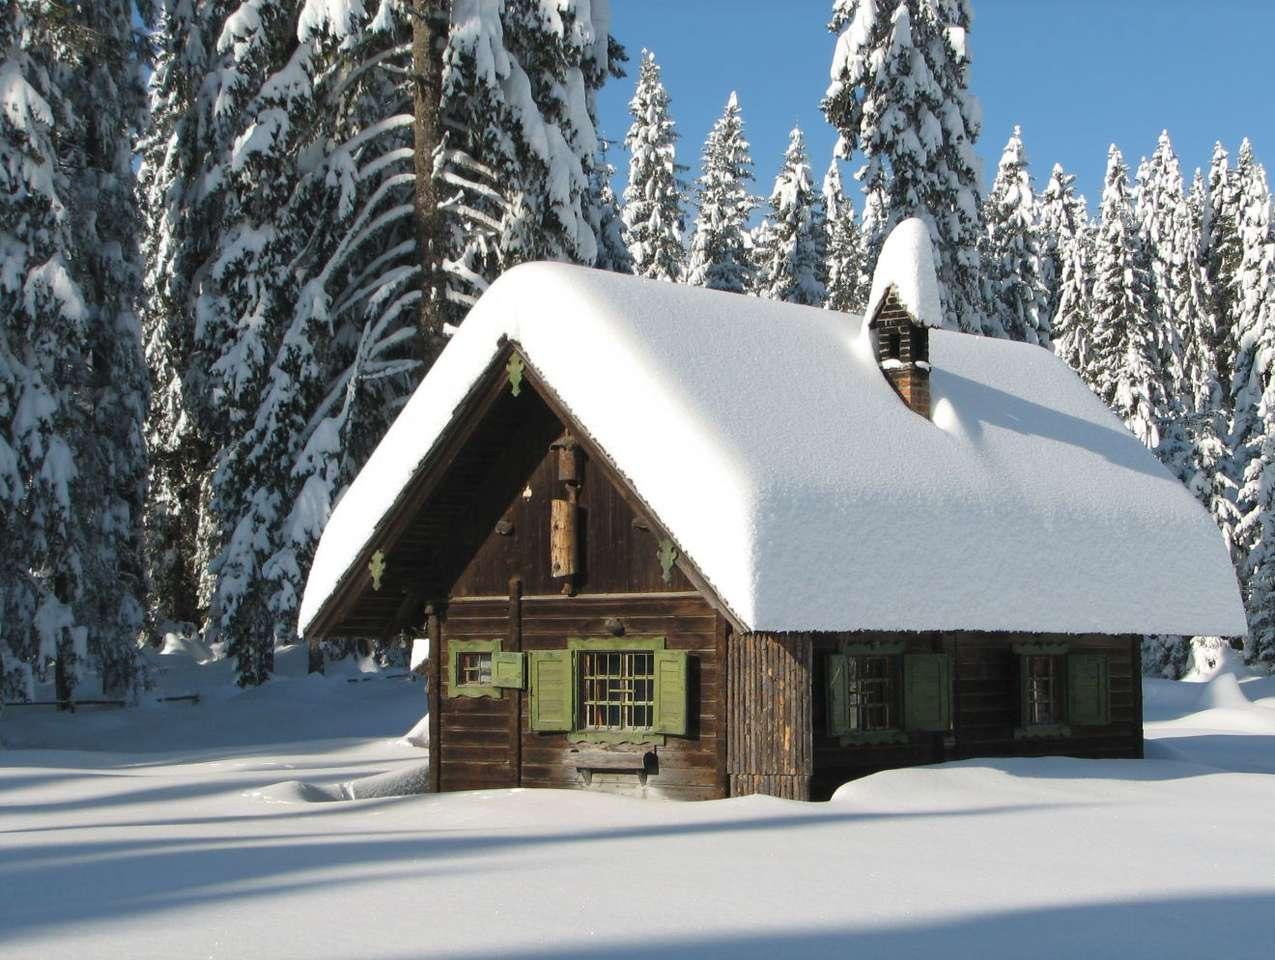 Chata w Alpach Julijskich (Słowenia) - Wymarzone miejsce do spędzenia białych świąt i Sylwestra. Chata w pobliżu miejscowości Pokljuka, leżącej w Alpach Julijskich w Słowenii, niedaleko granic z Włochami i Austrią. Otoczone lase (10×7)